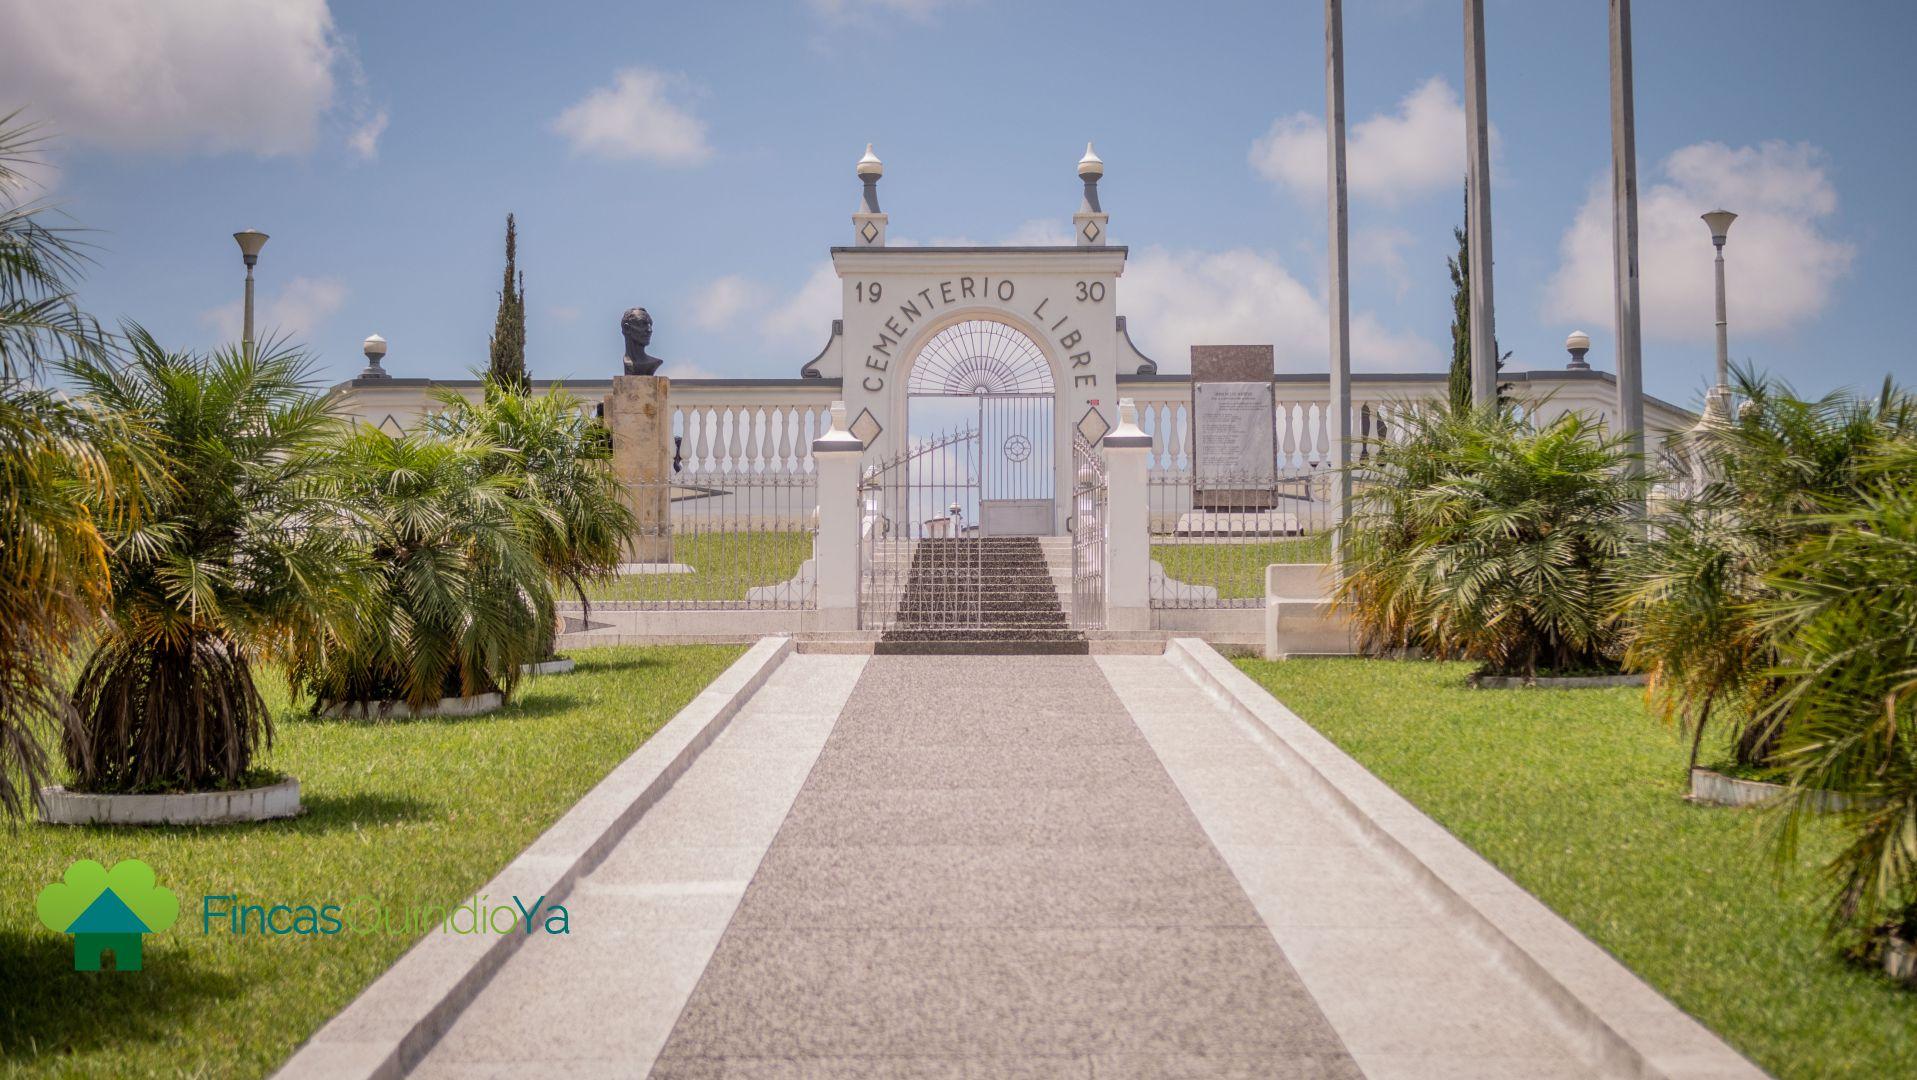 Foto de la entrada al cementerio